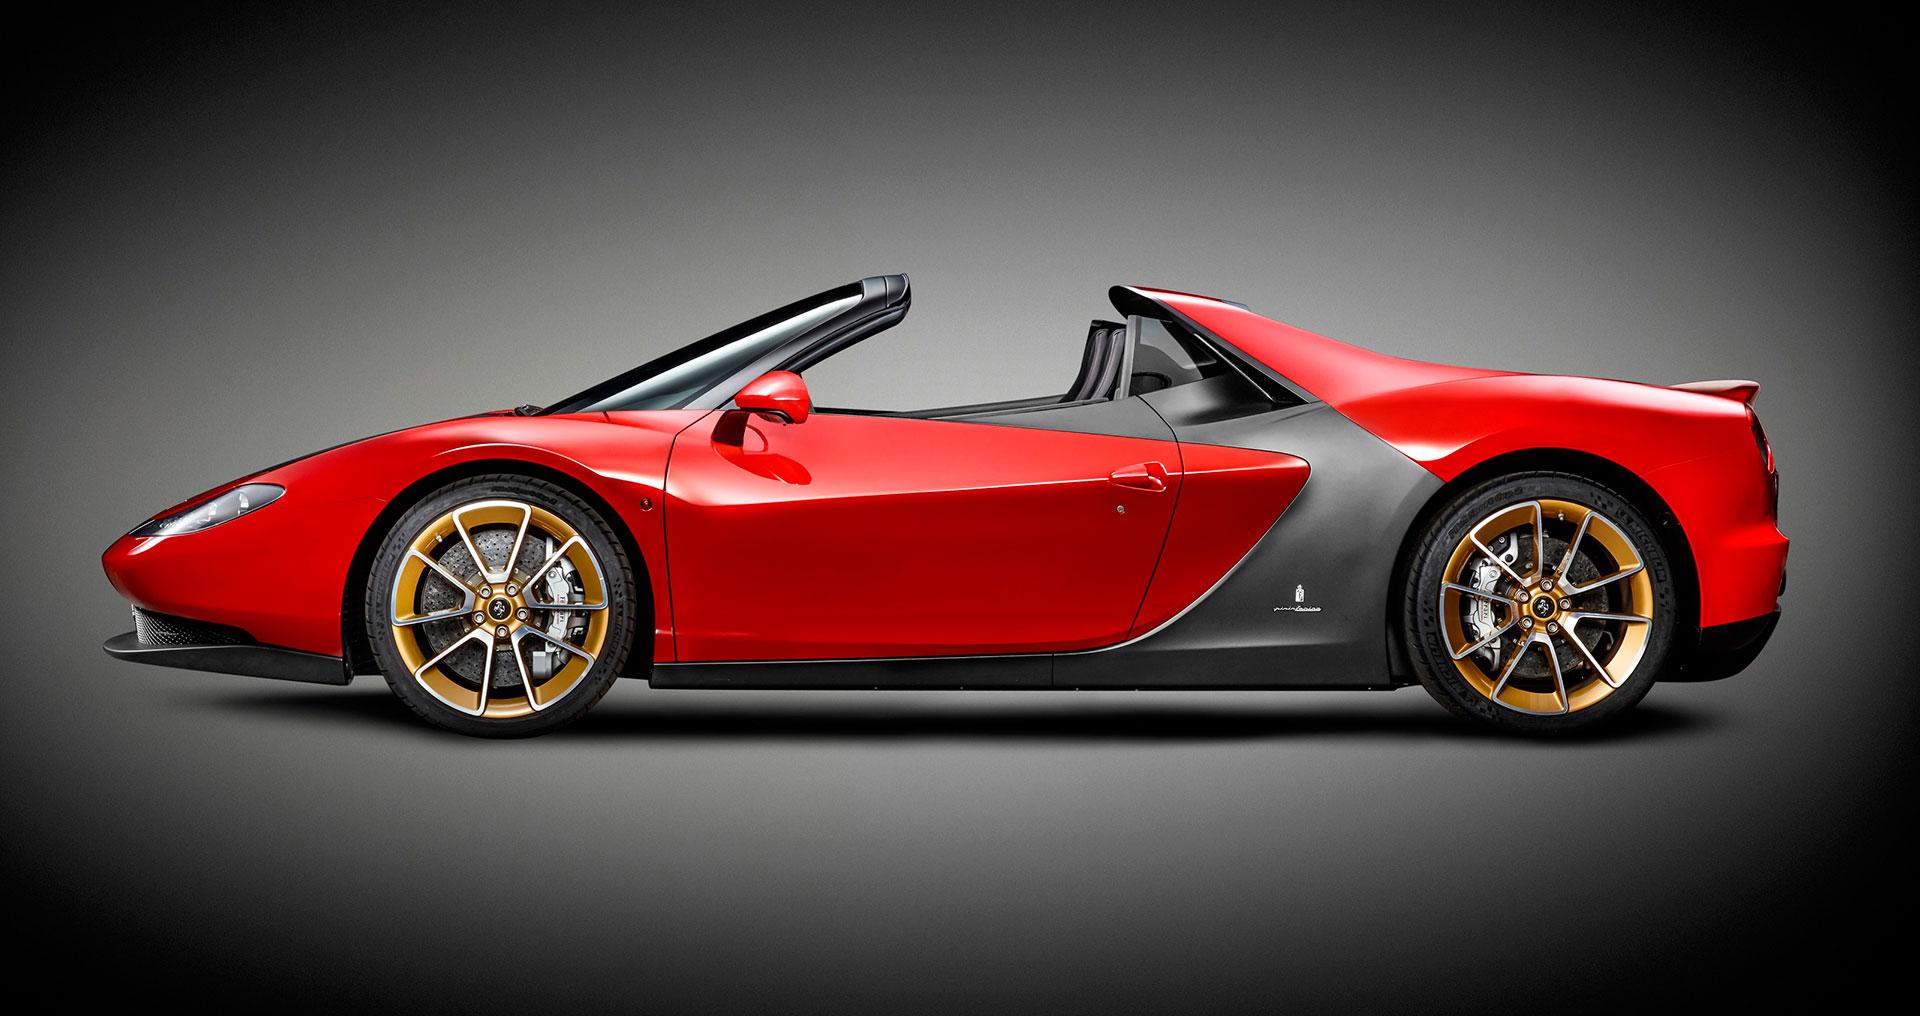 Ferrari Sergio Side View Car Body Design